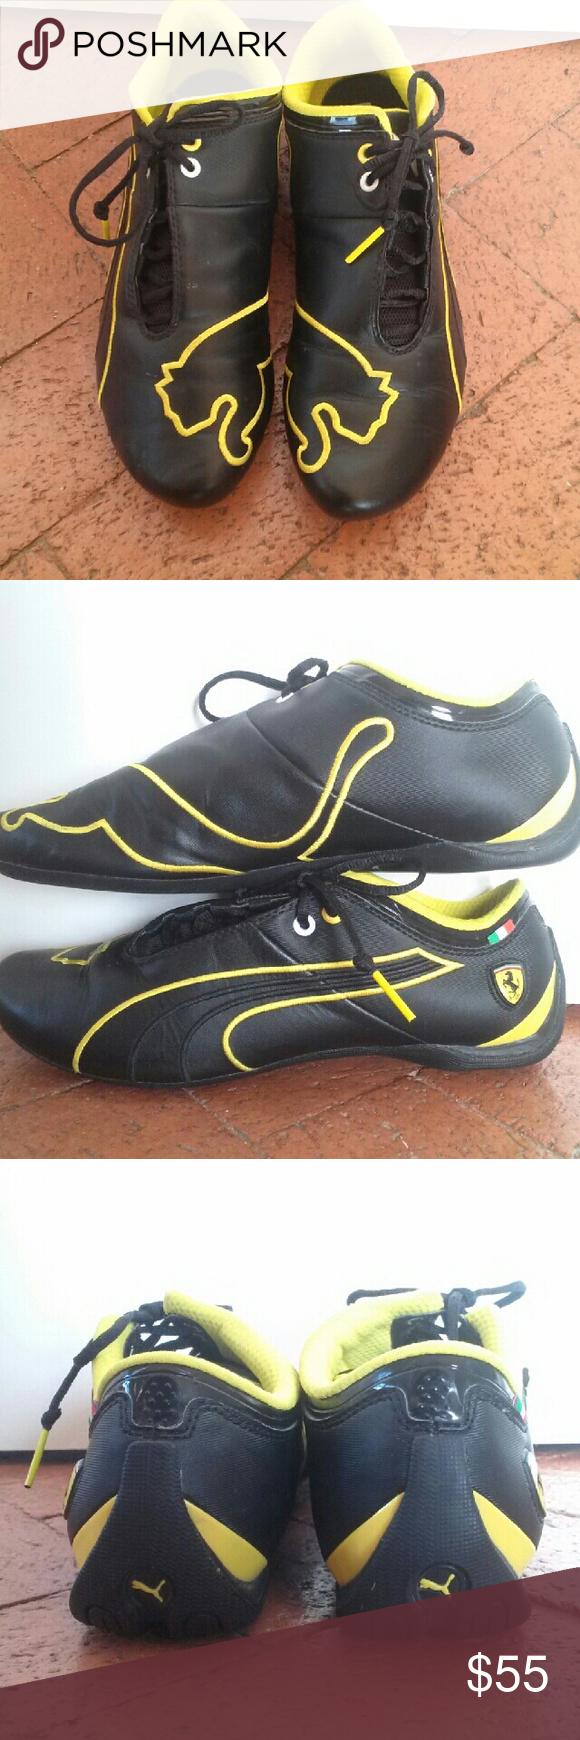 b43e7a1cee4cca Puma Eco Ortholite Mens Running Shoes Sz 9.5 Sleek pair of Puma Eco  Ortholite running shoes